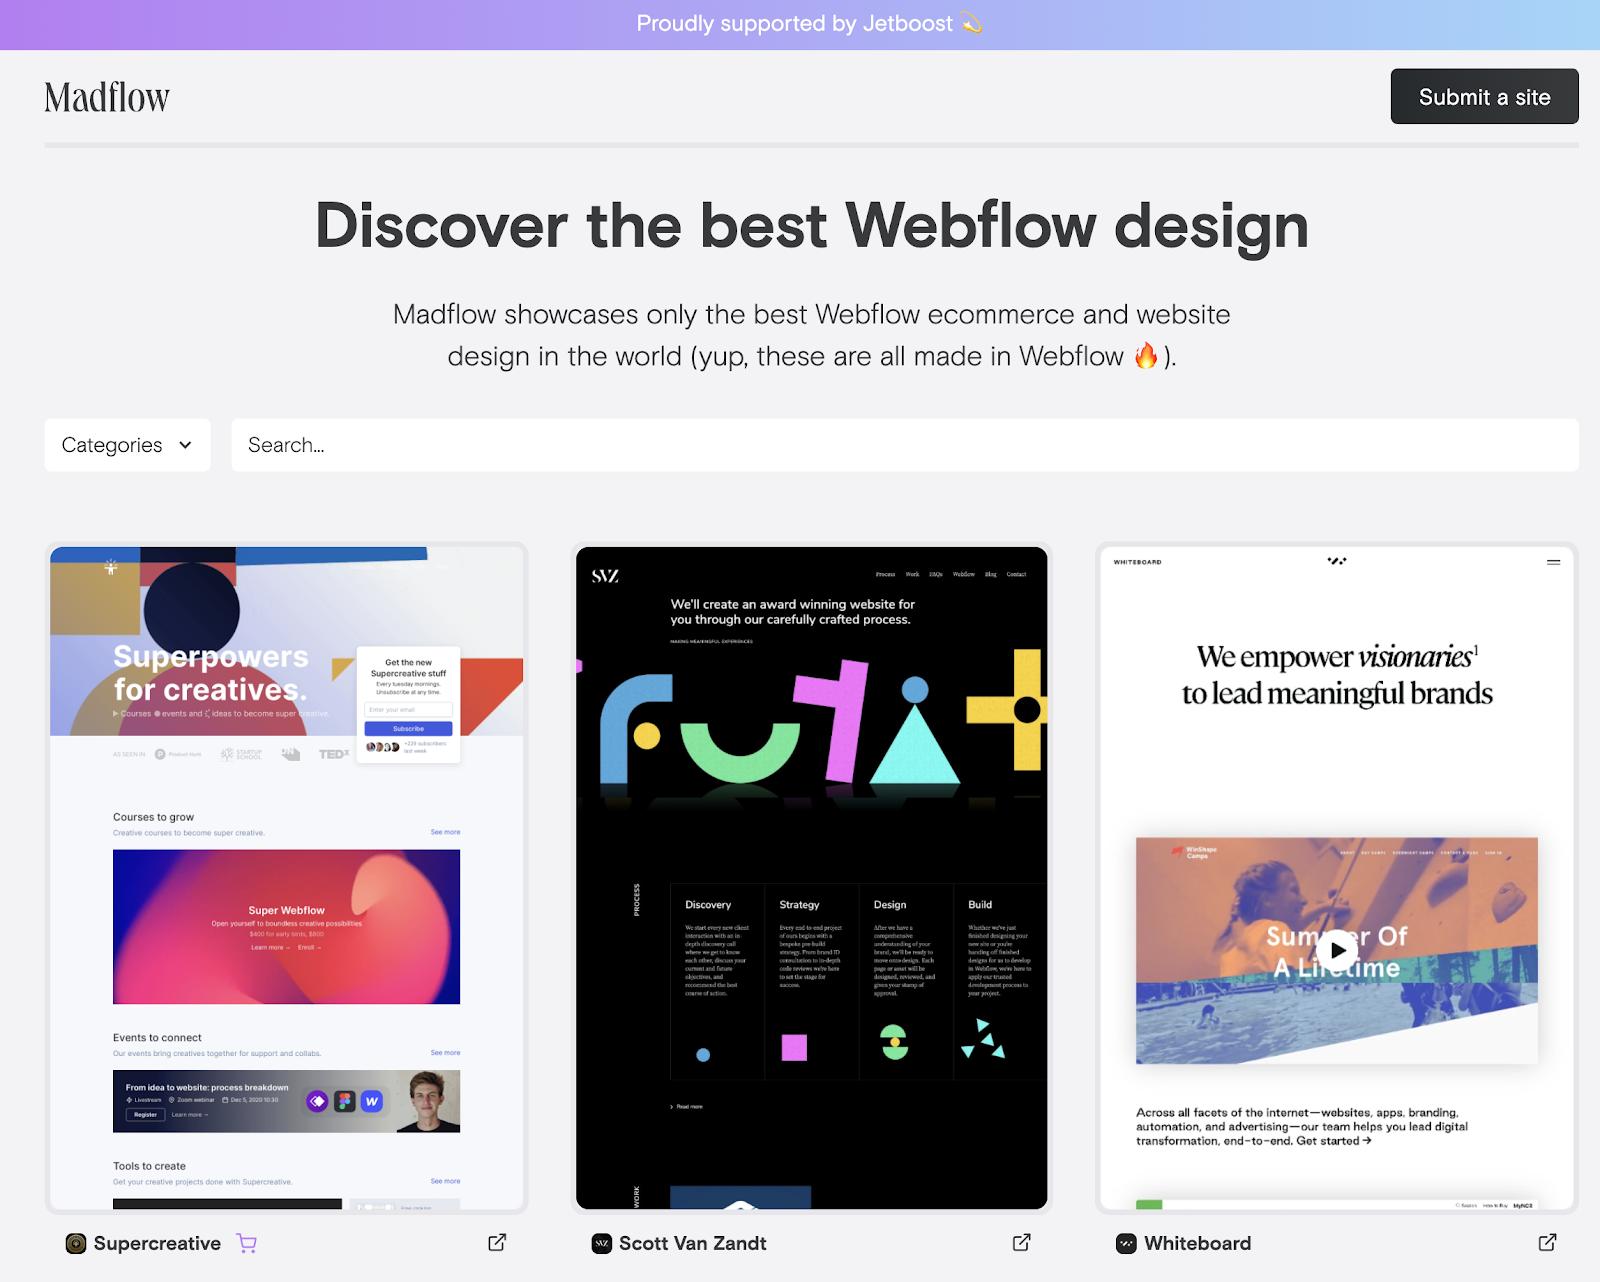 Screenshot of Madflow's homepage